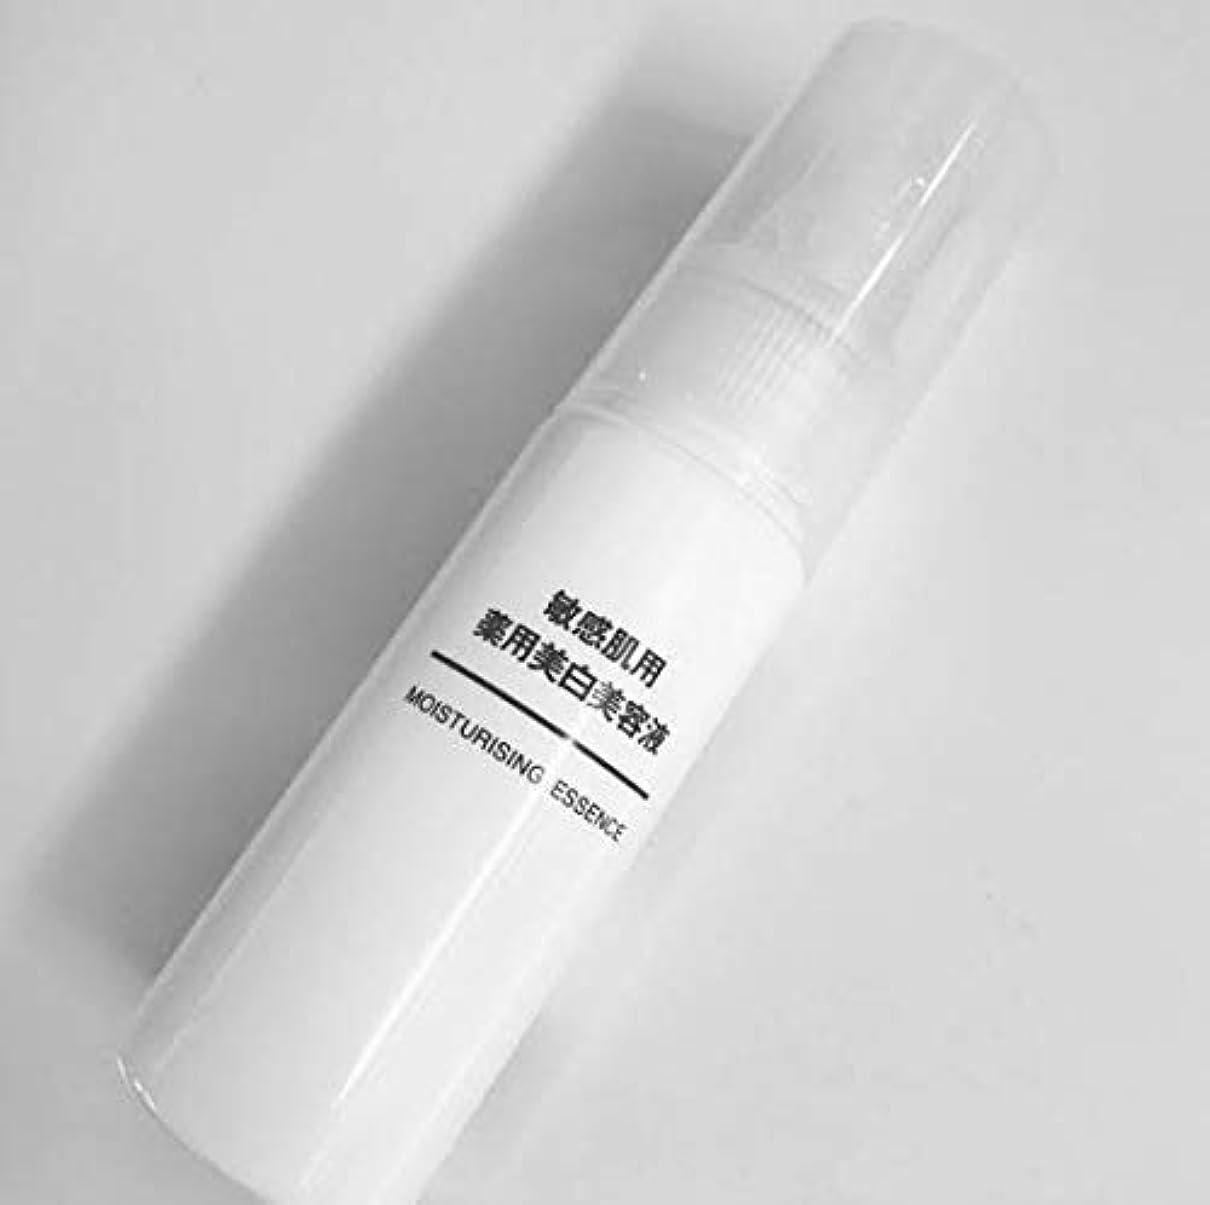 ハロウィン小切手責無印良品 敏感肌用 薬用美白美容液 (新)50ml